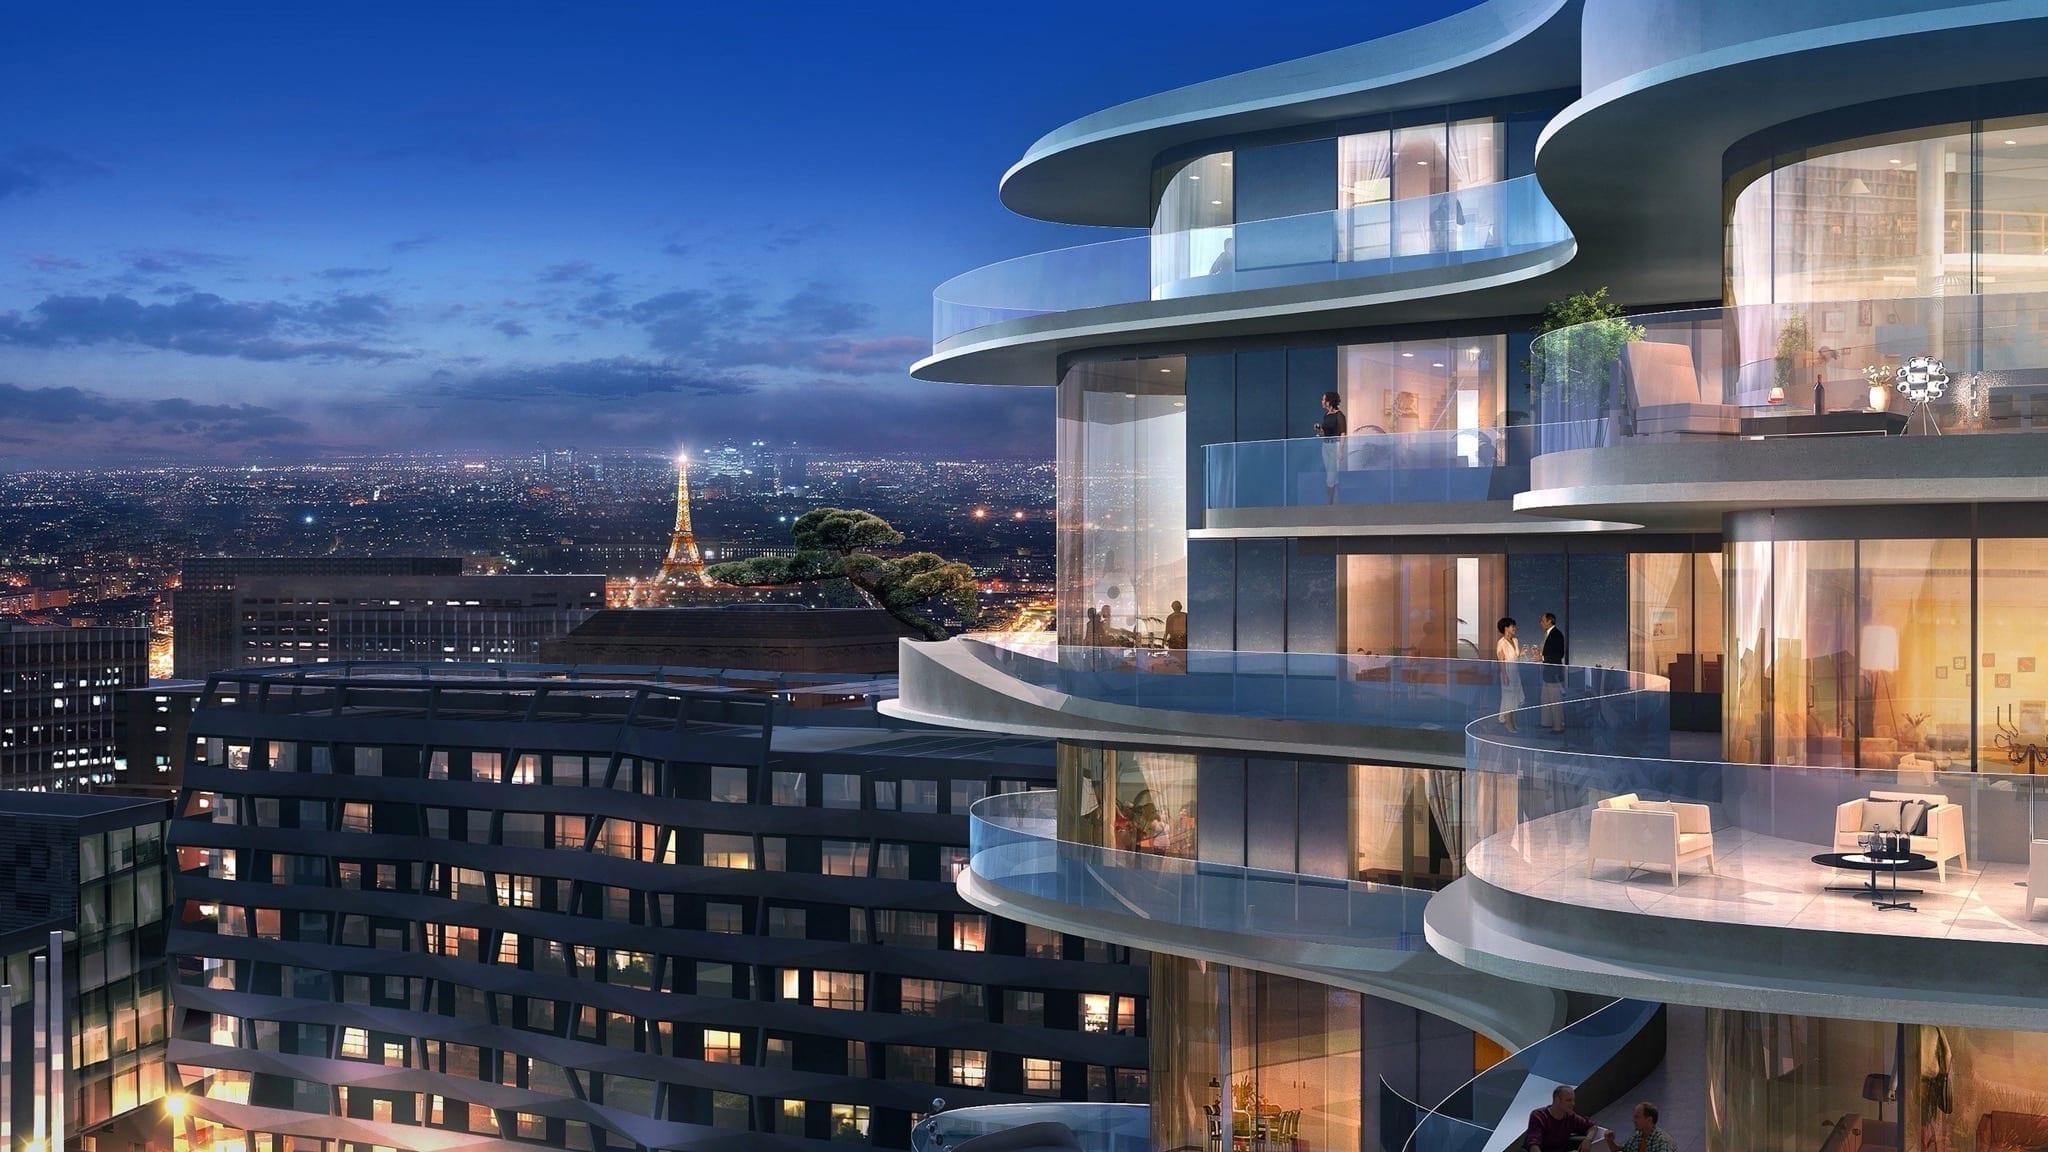 piata internatioanal 3 copy - Piața imobiliară europeană – perspective optimiste